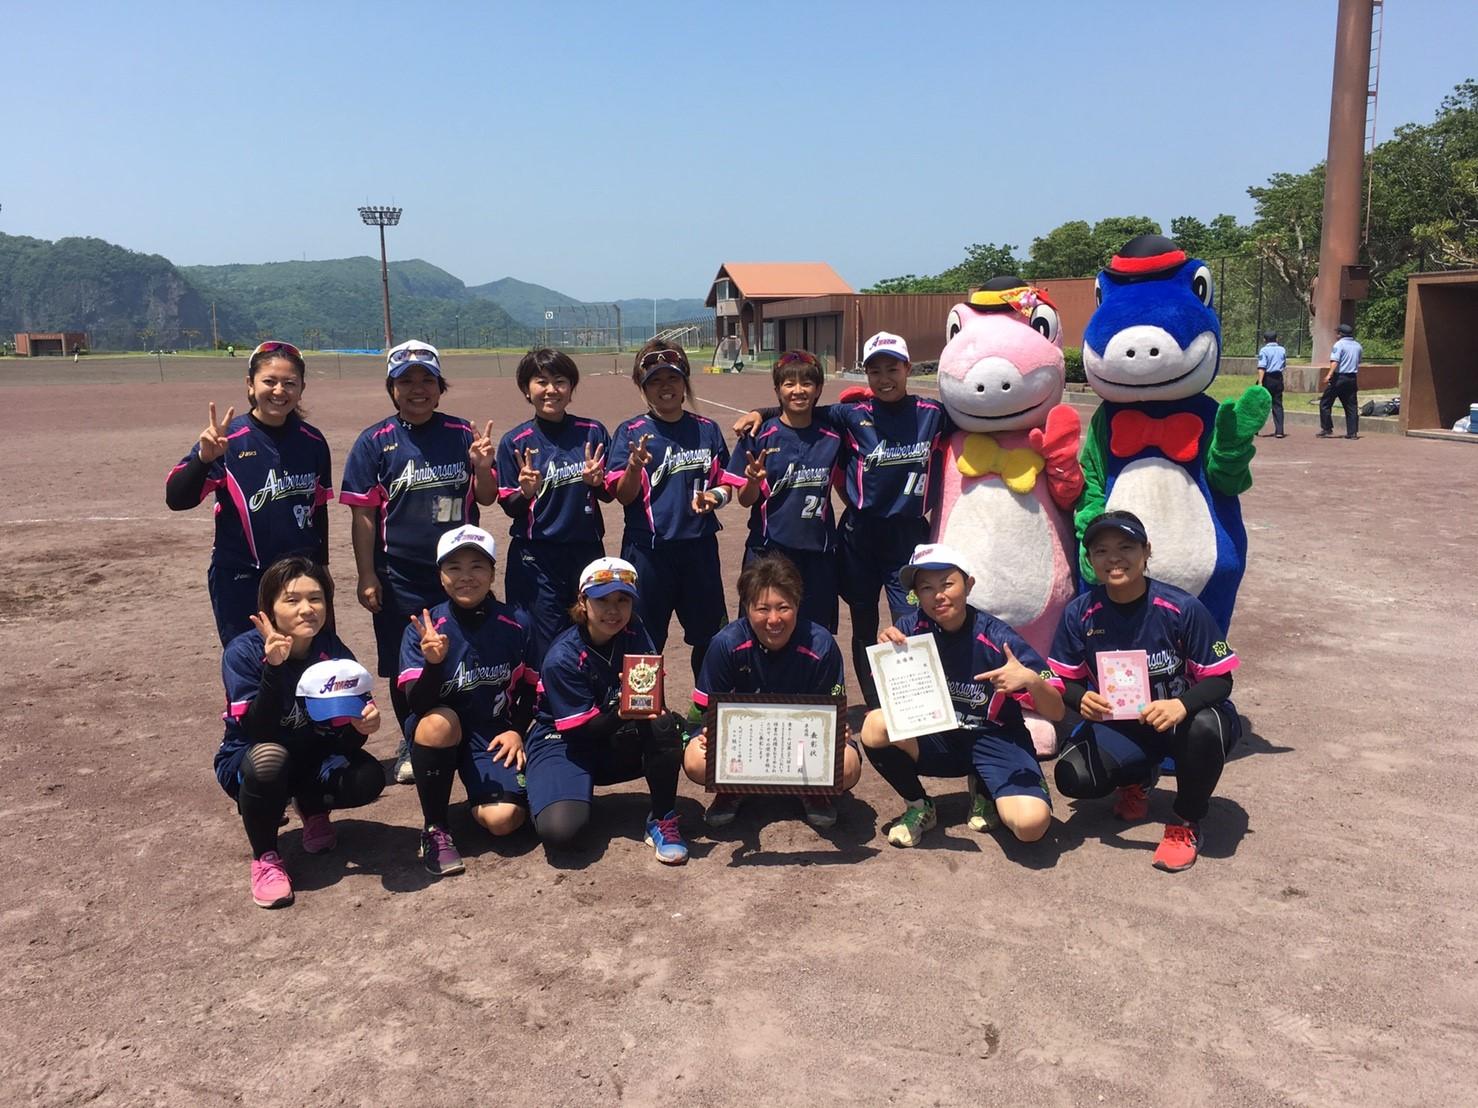 沖縄県ソフトボール協会 公式ブログ